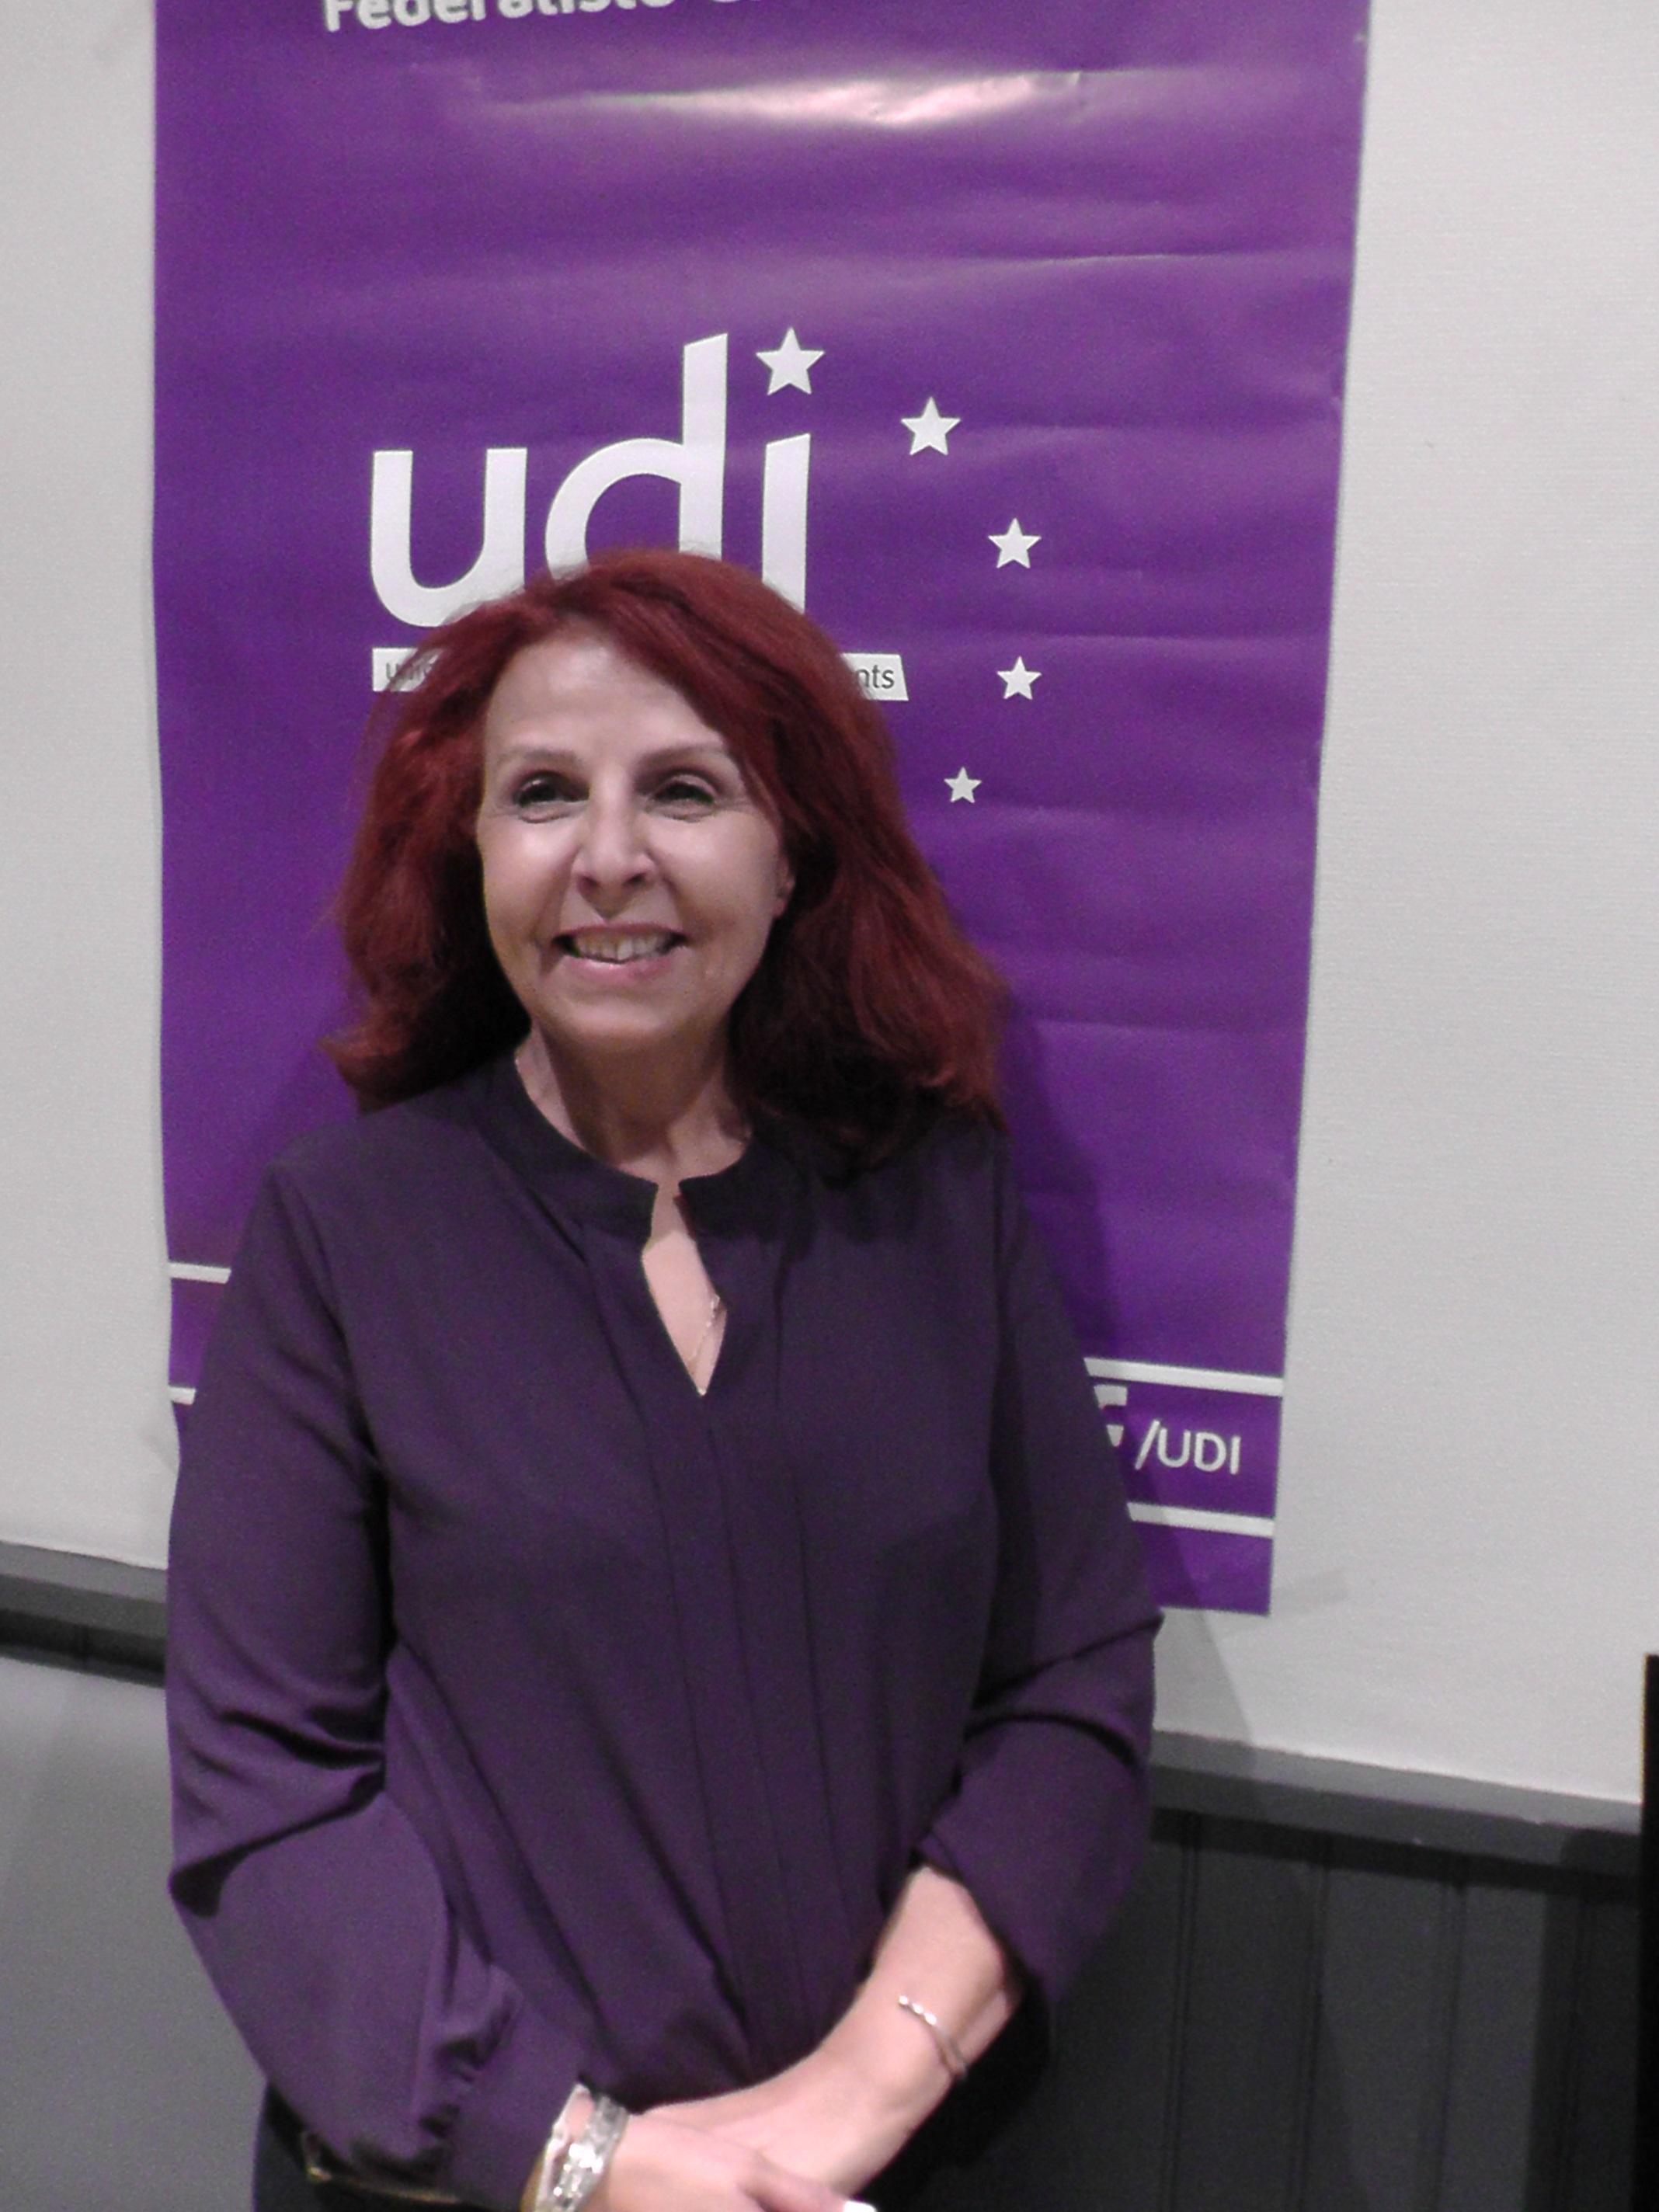 Djida Tazdaït , candidate UDI à l'élection législative dans la première circonscription du Rhône. Photo Alban Elkaïm